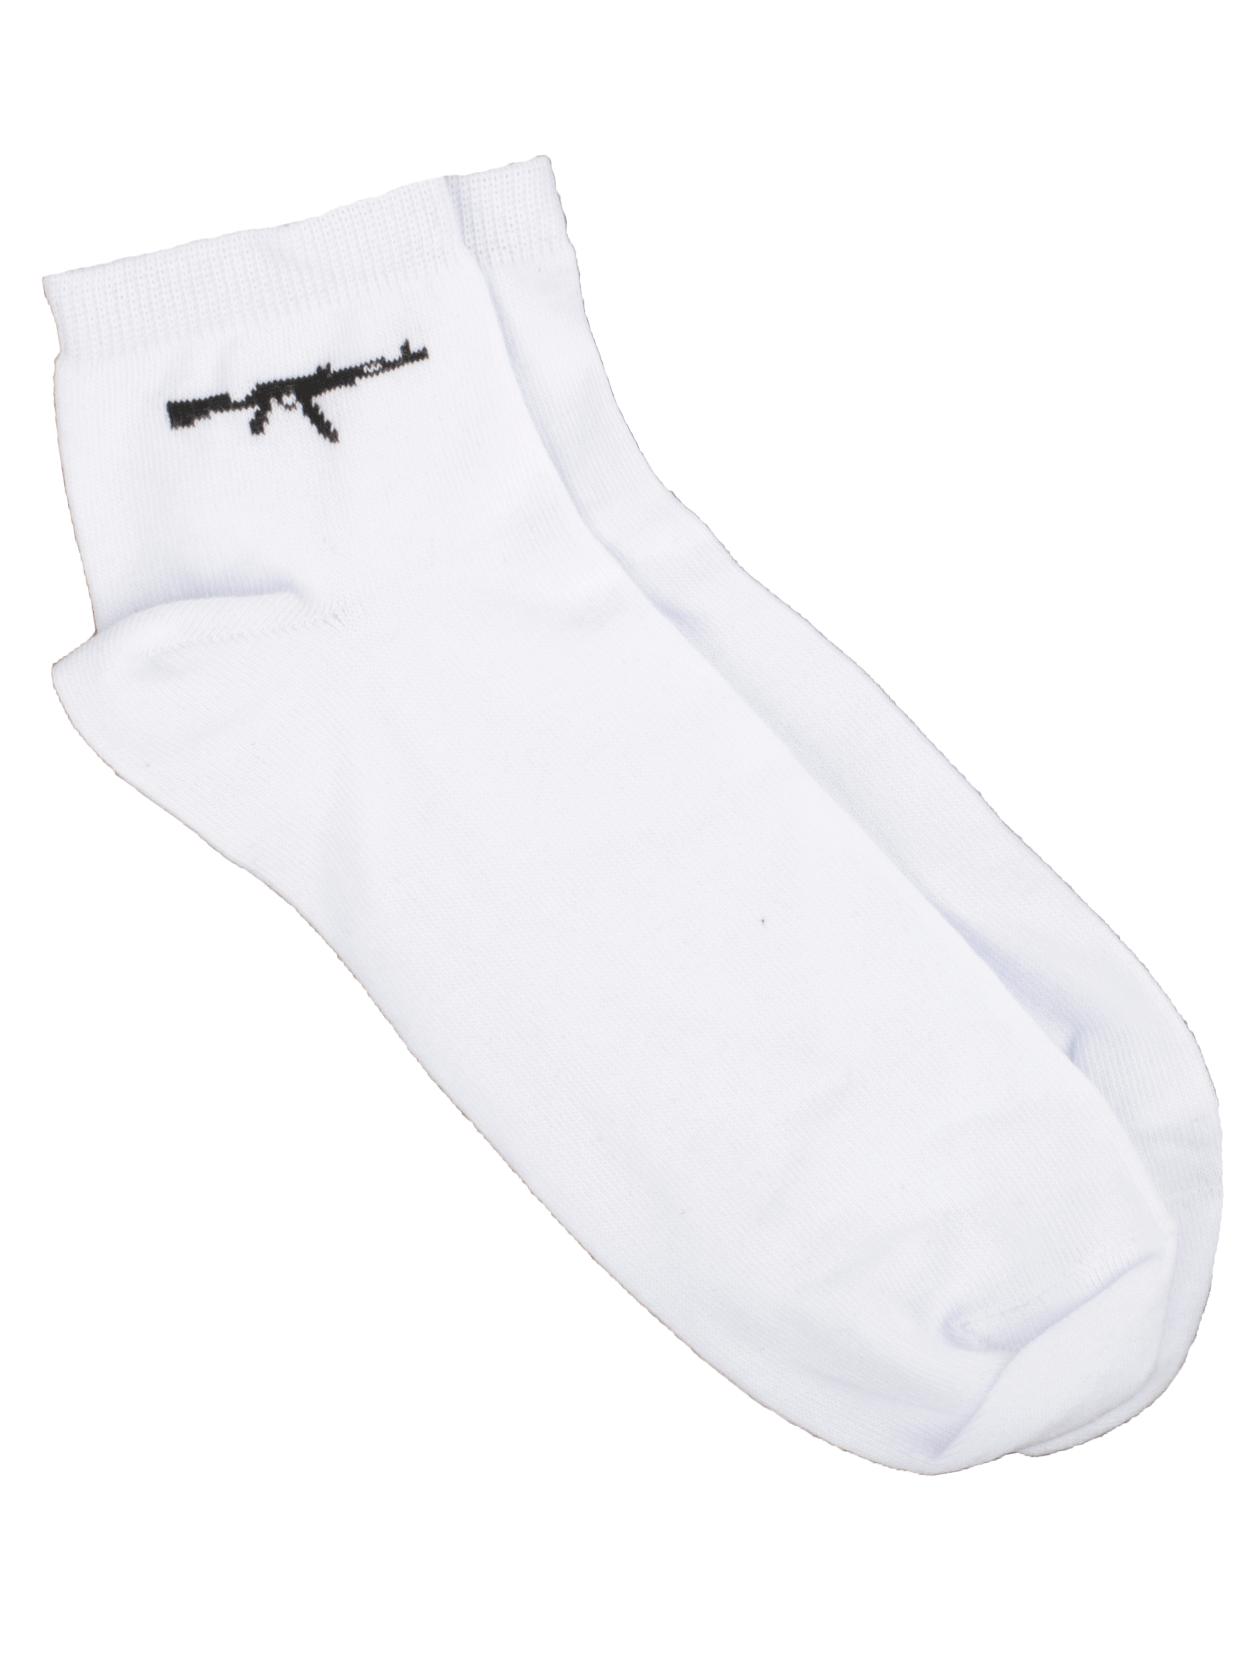 Носки унисекс GUNПрактичные и стильные носки унисекс Gun из коллекции Black Star Wear. Модель традиционного дизайна с коротким голенищем, оформленным высококачественной эластичной вставкой. Базовая черная расцветка подходит для каждодневного использования и сочетается с любой обувью. Дизайн дополнен эффектным принтом с автоматом по бокам. Носки сшиты из натурального хлопка премиального качества, обладают высокой износостойкостью. В комплекте представлены две пары.&amp;nbsp;<br><br>Размер: 36/38<br>Цвет: Белый<br>Пол: Унисекс